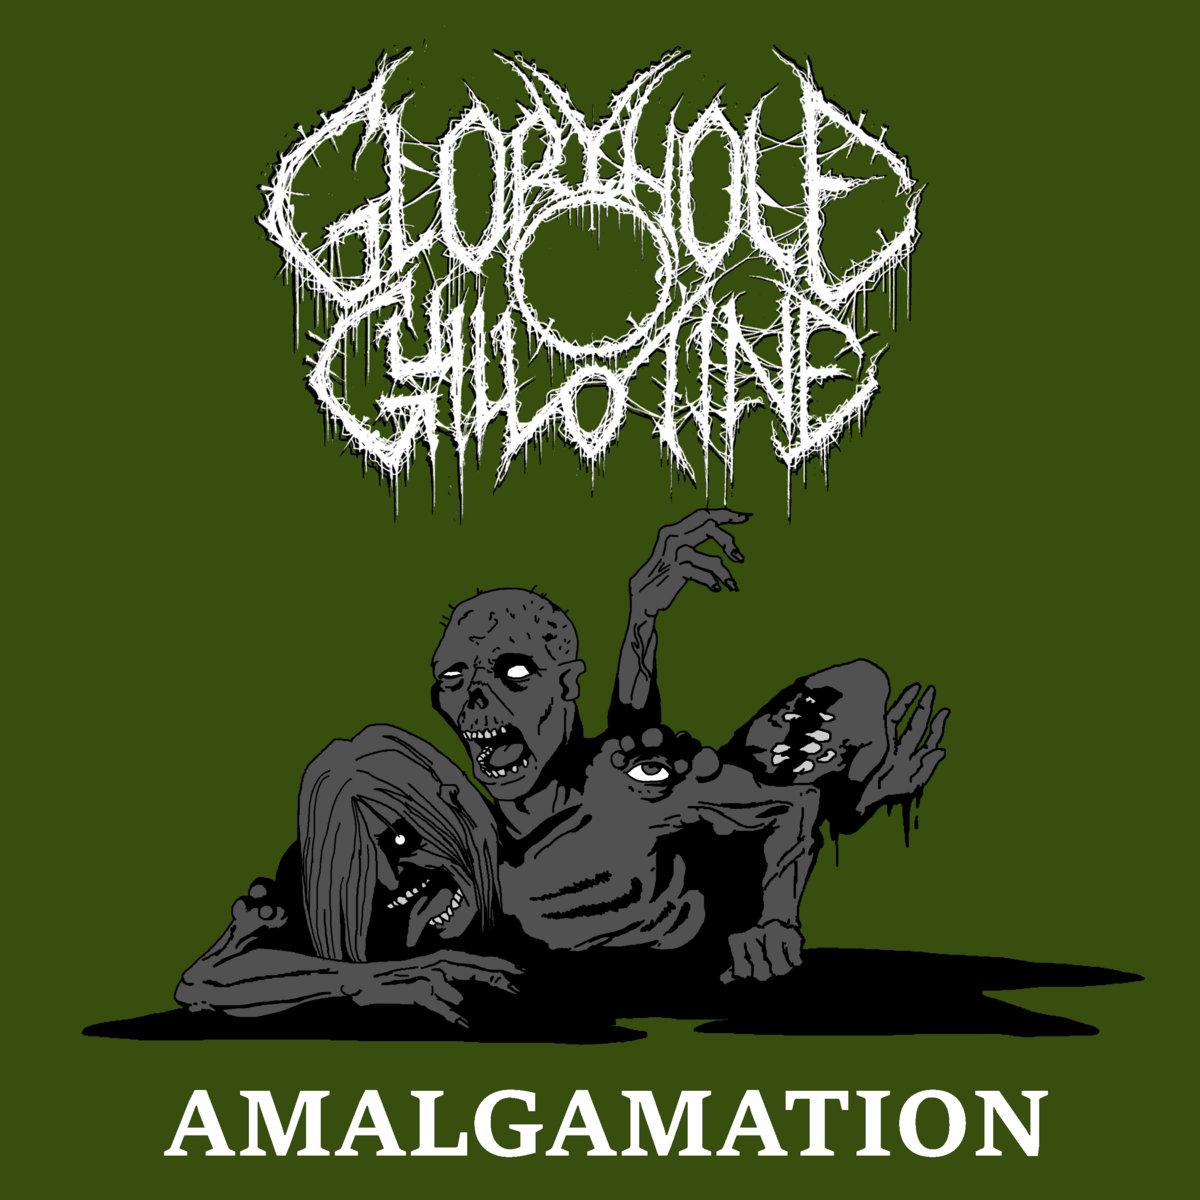 amalgamation | gloryhole guillotine